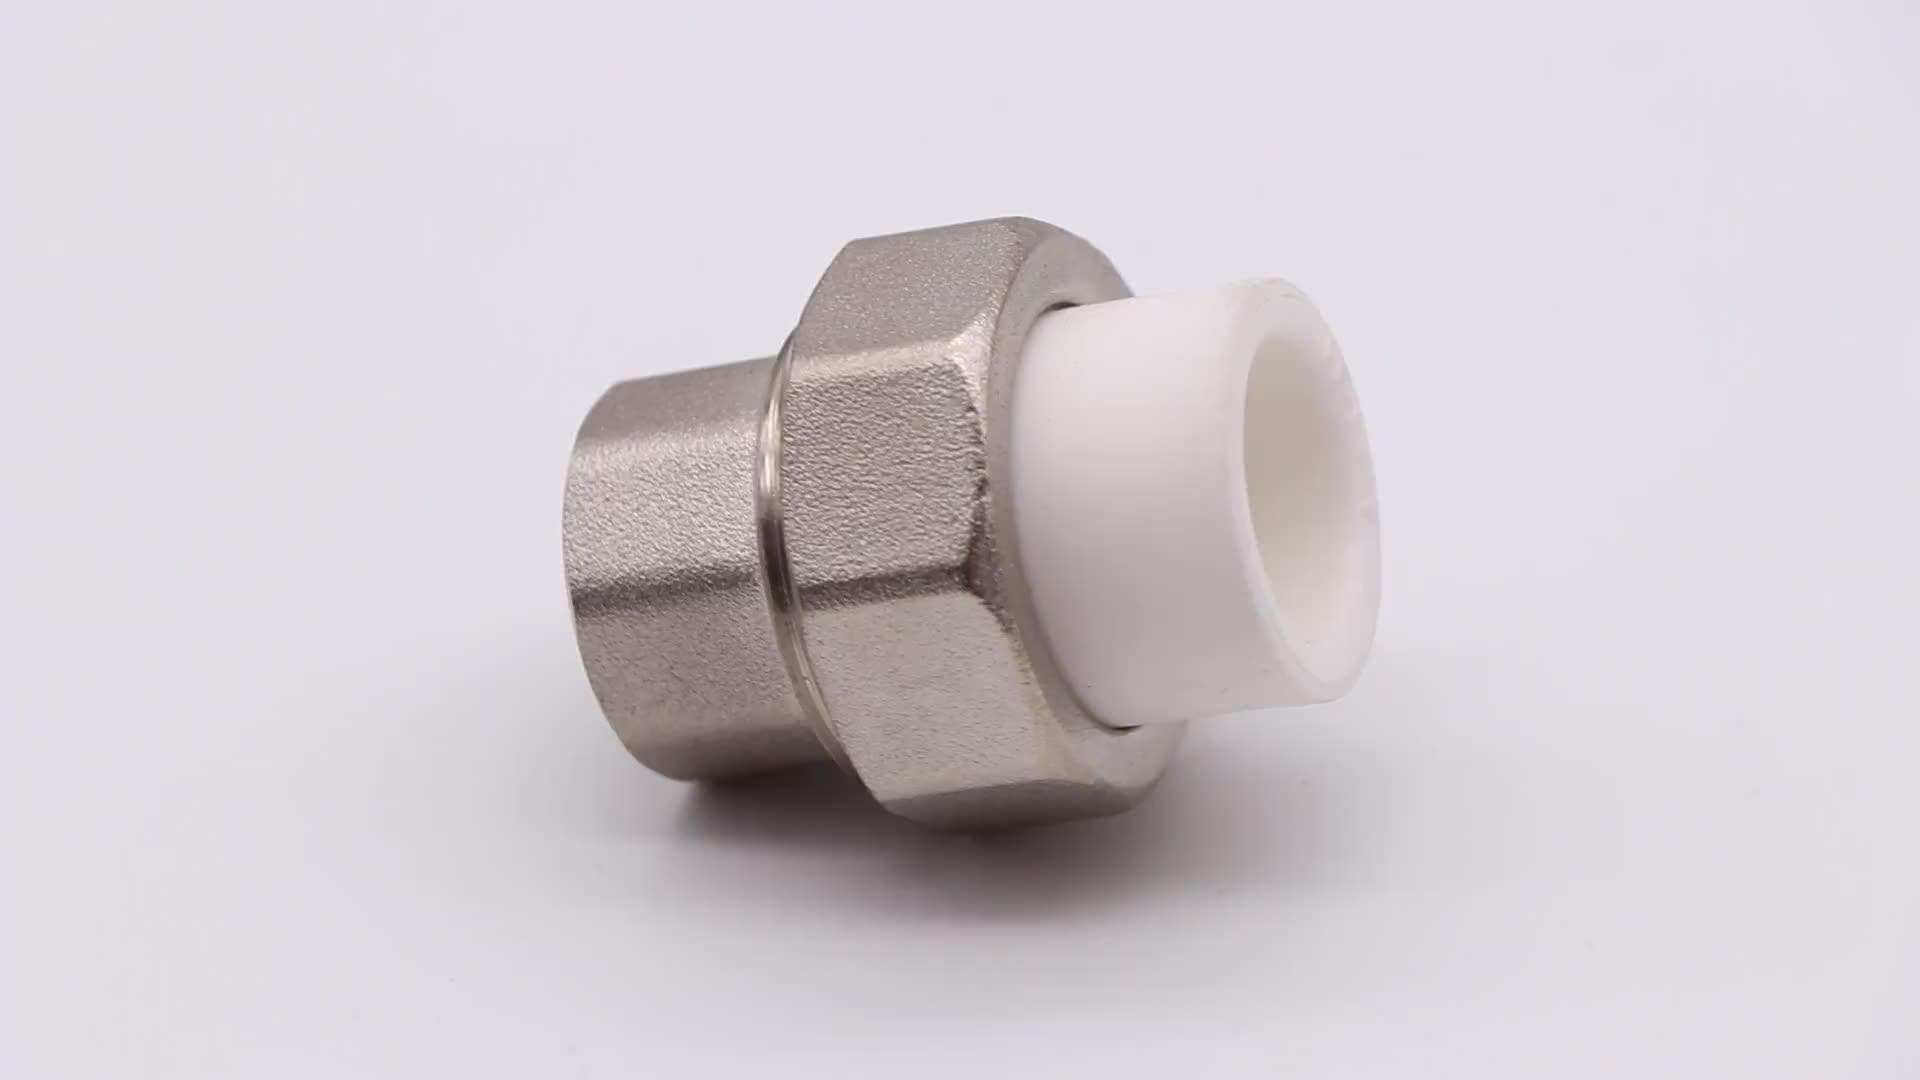 K731 Brass nửa western union phù hợp sử dụng nam threaded phụ kiện đường ống ppr